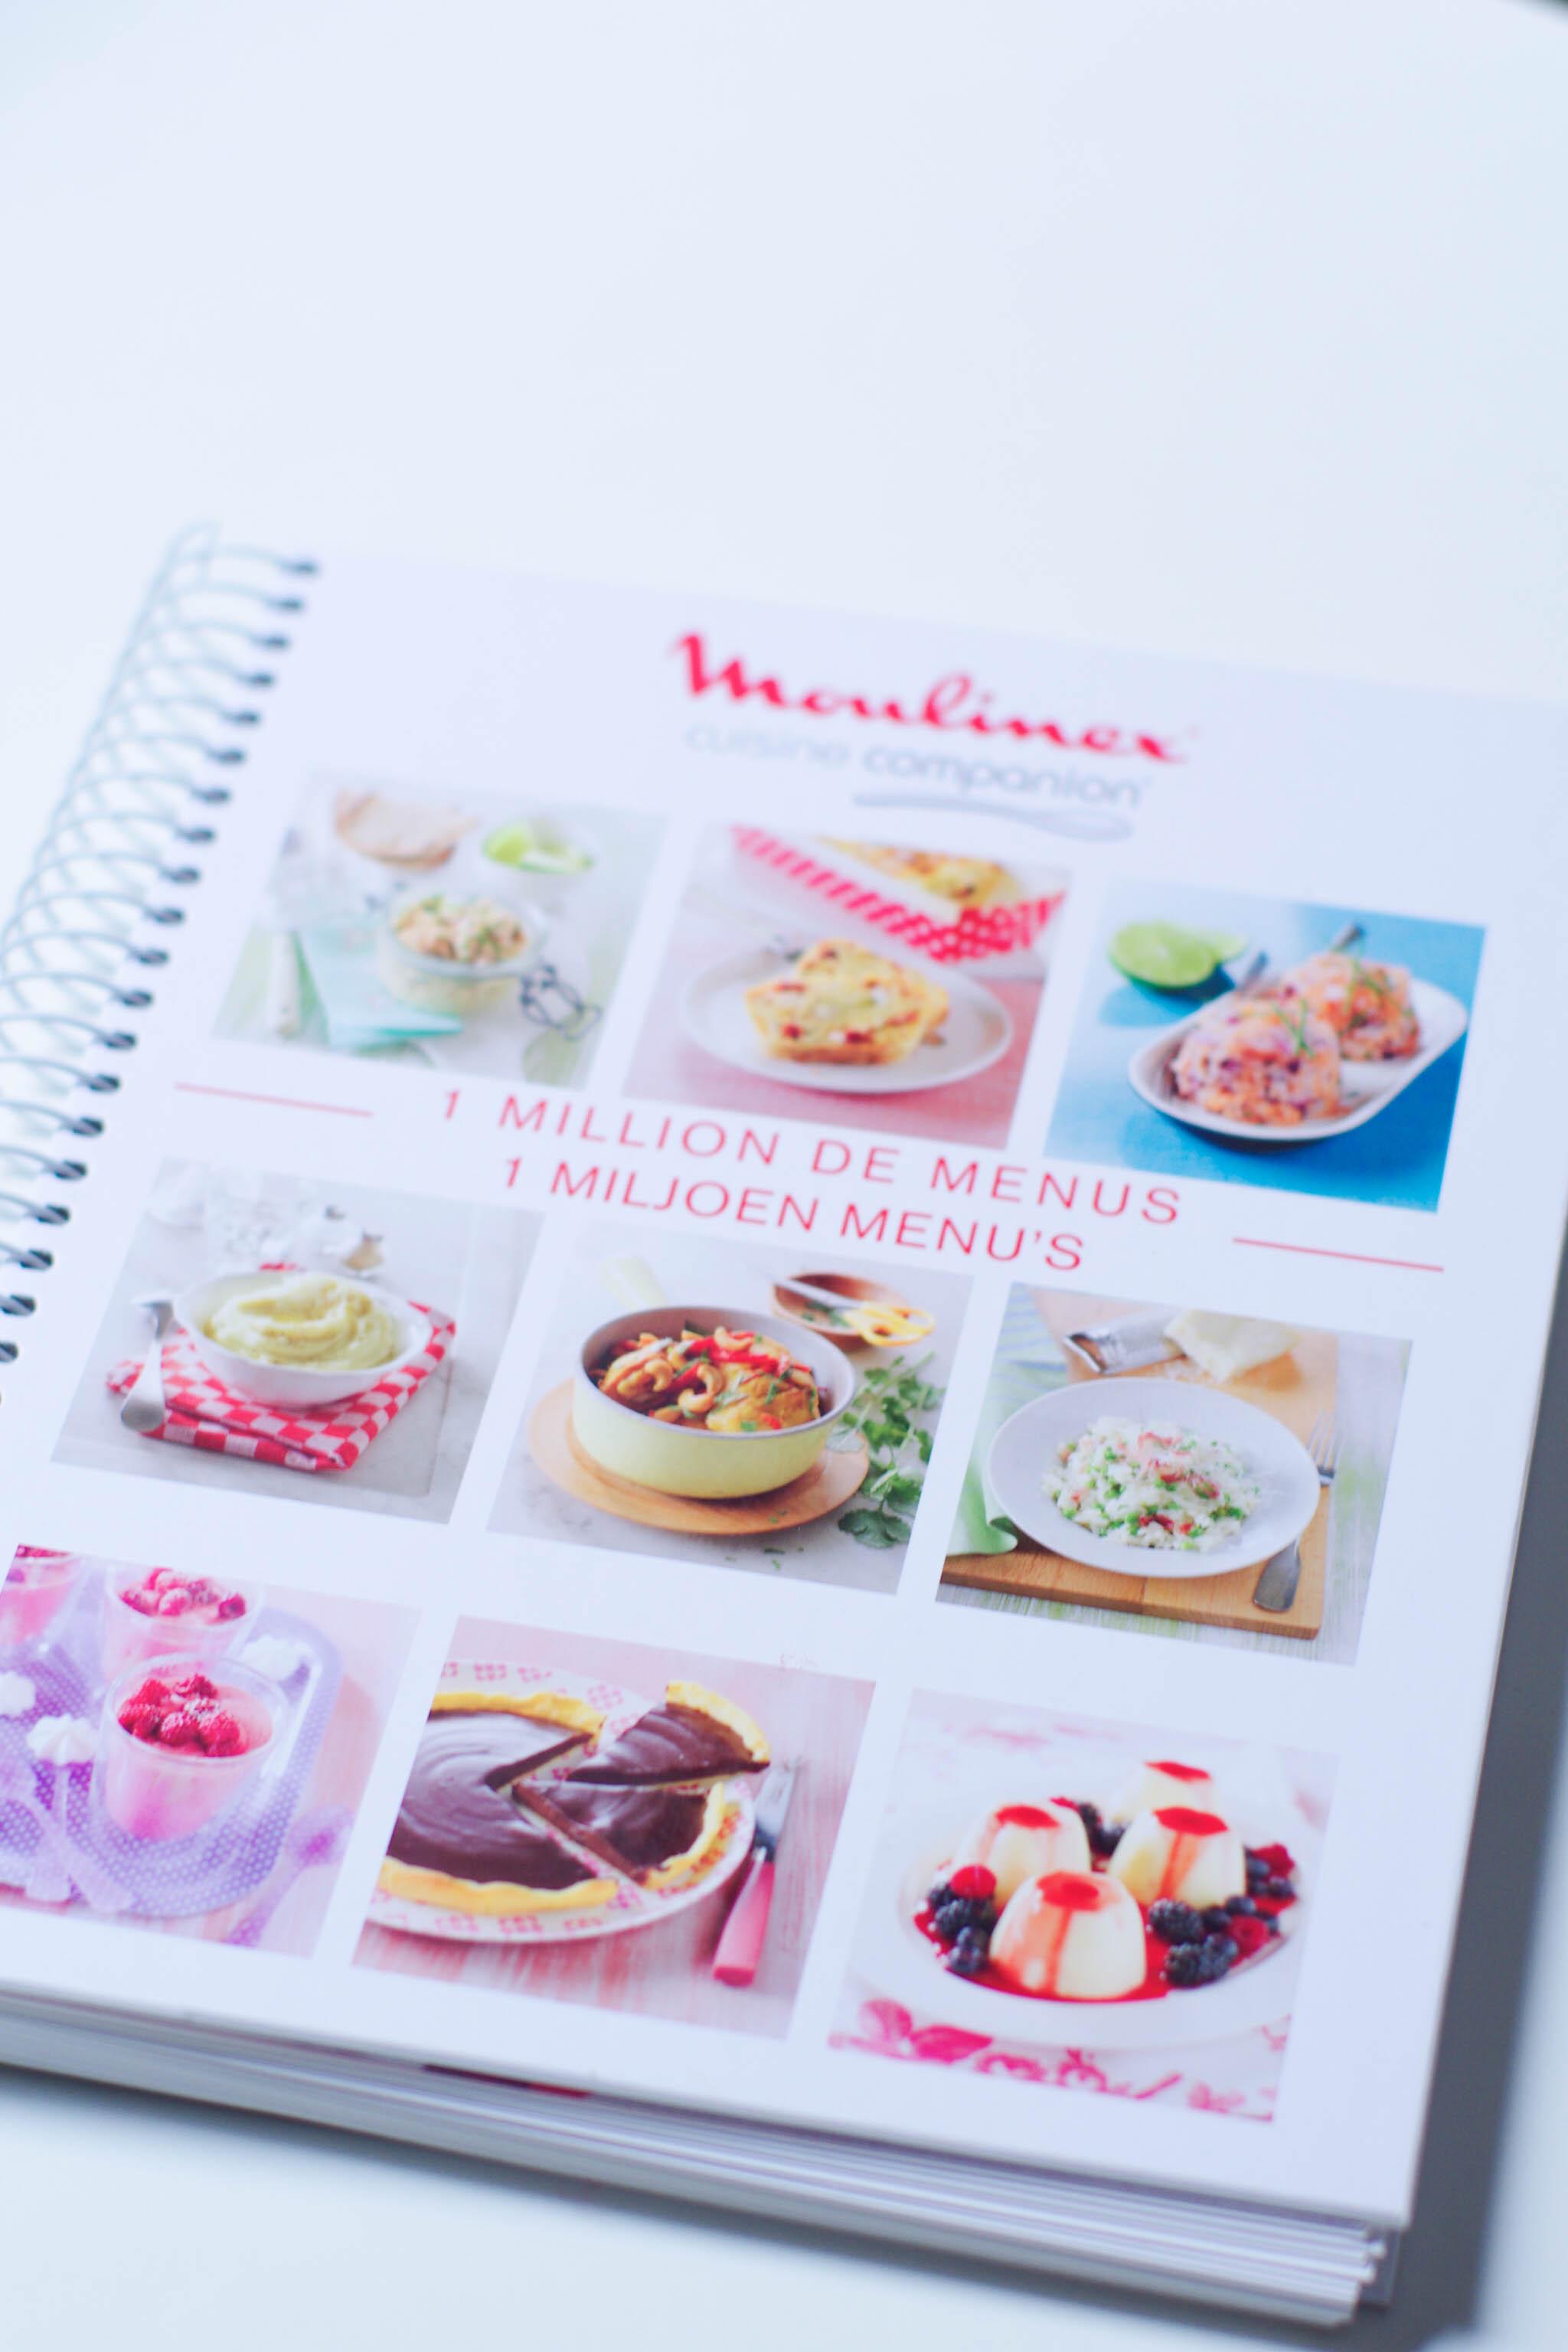 Livre recette easy soup moulinex un site culinaire populaire avec des recettes utiles - Recette moulinex soup and co ...